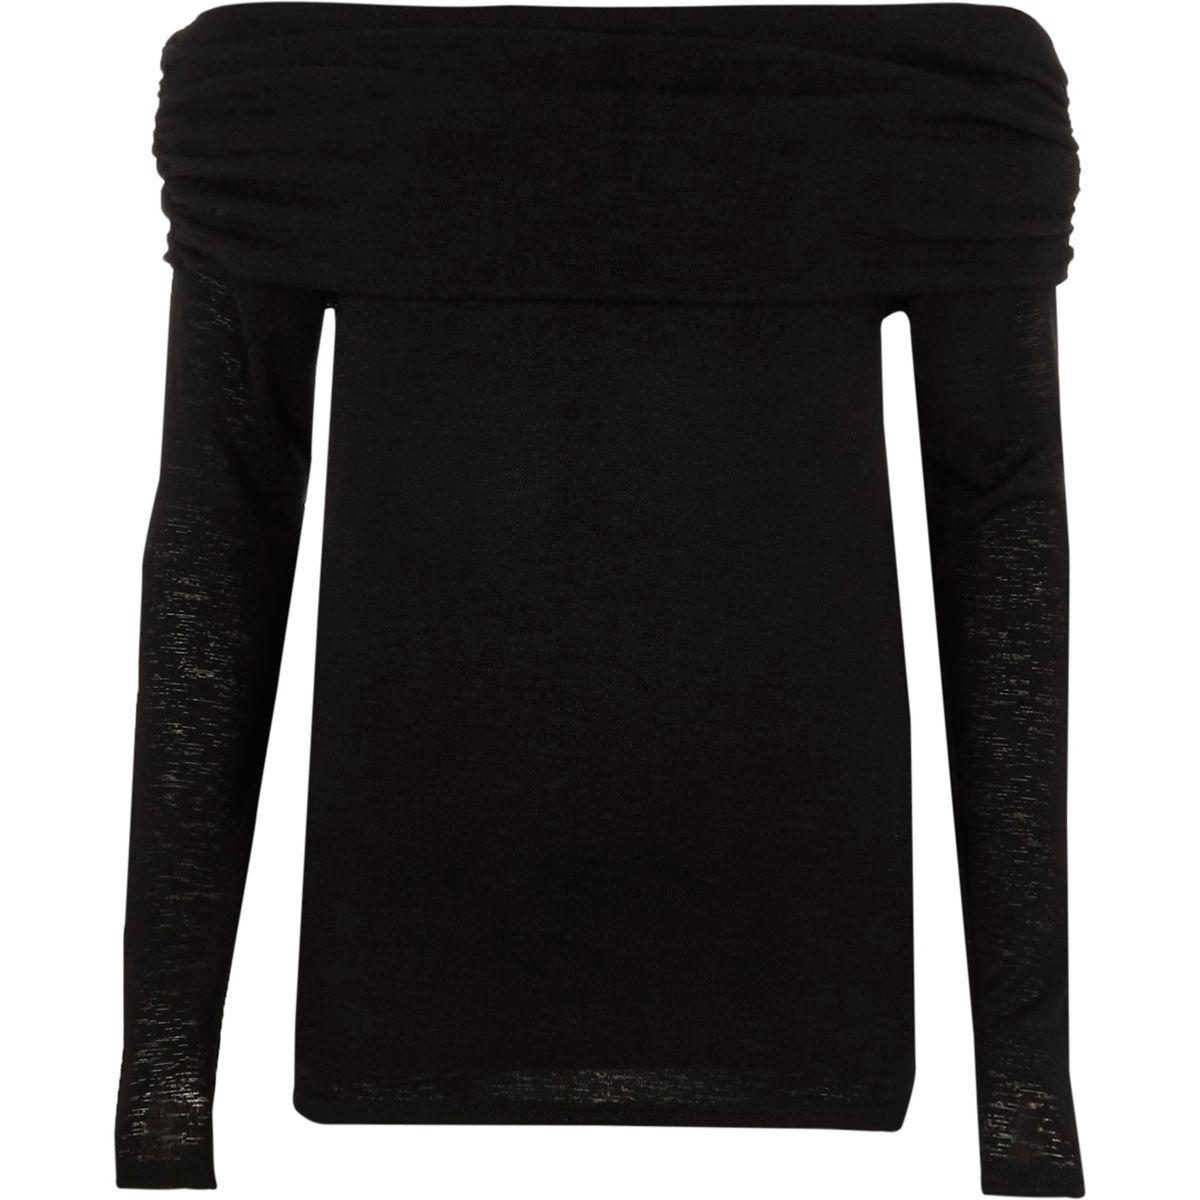 Black ruched folded bardot neck sweater